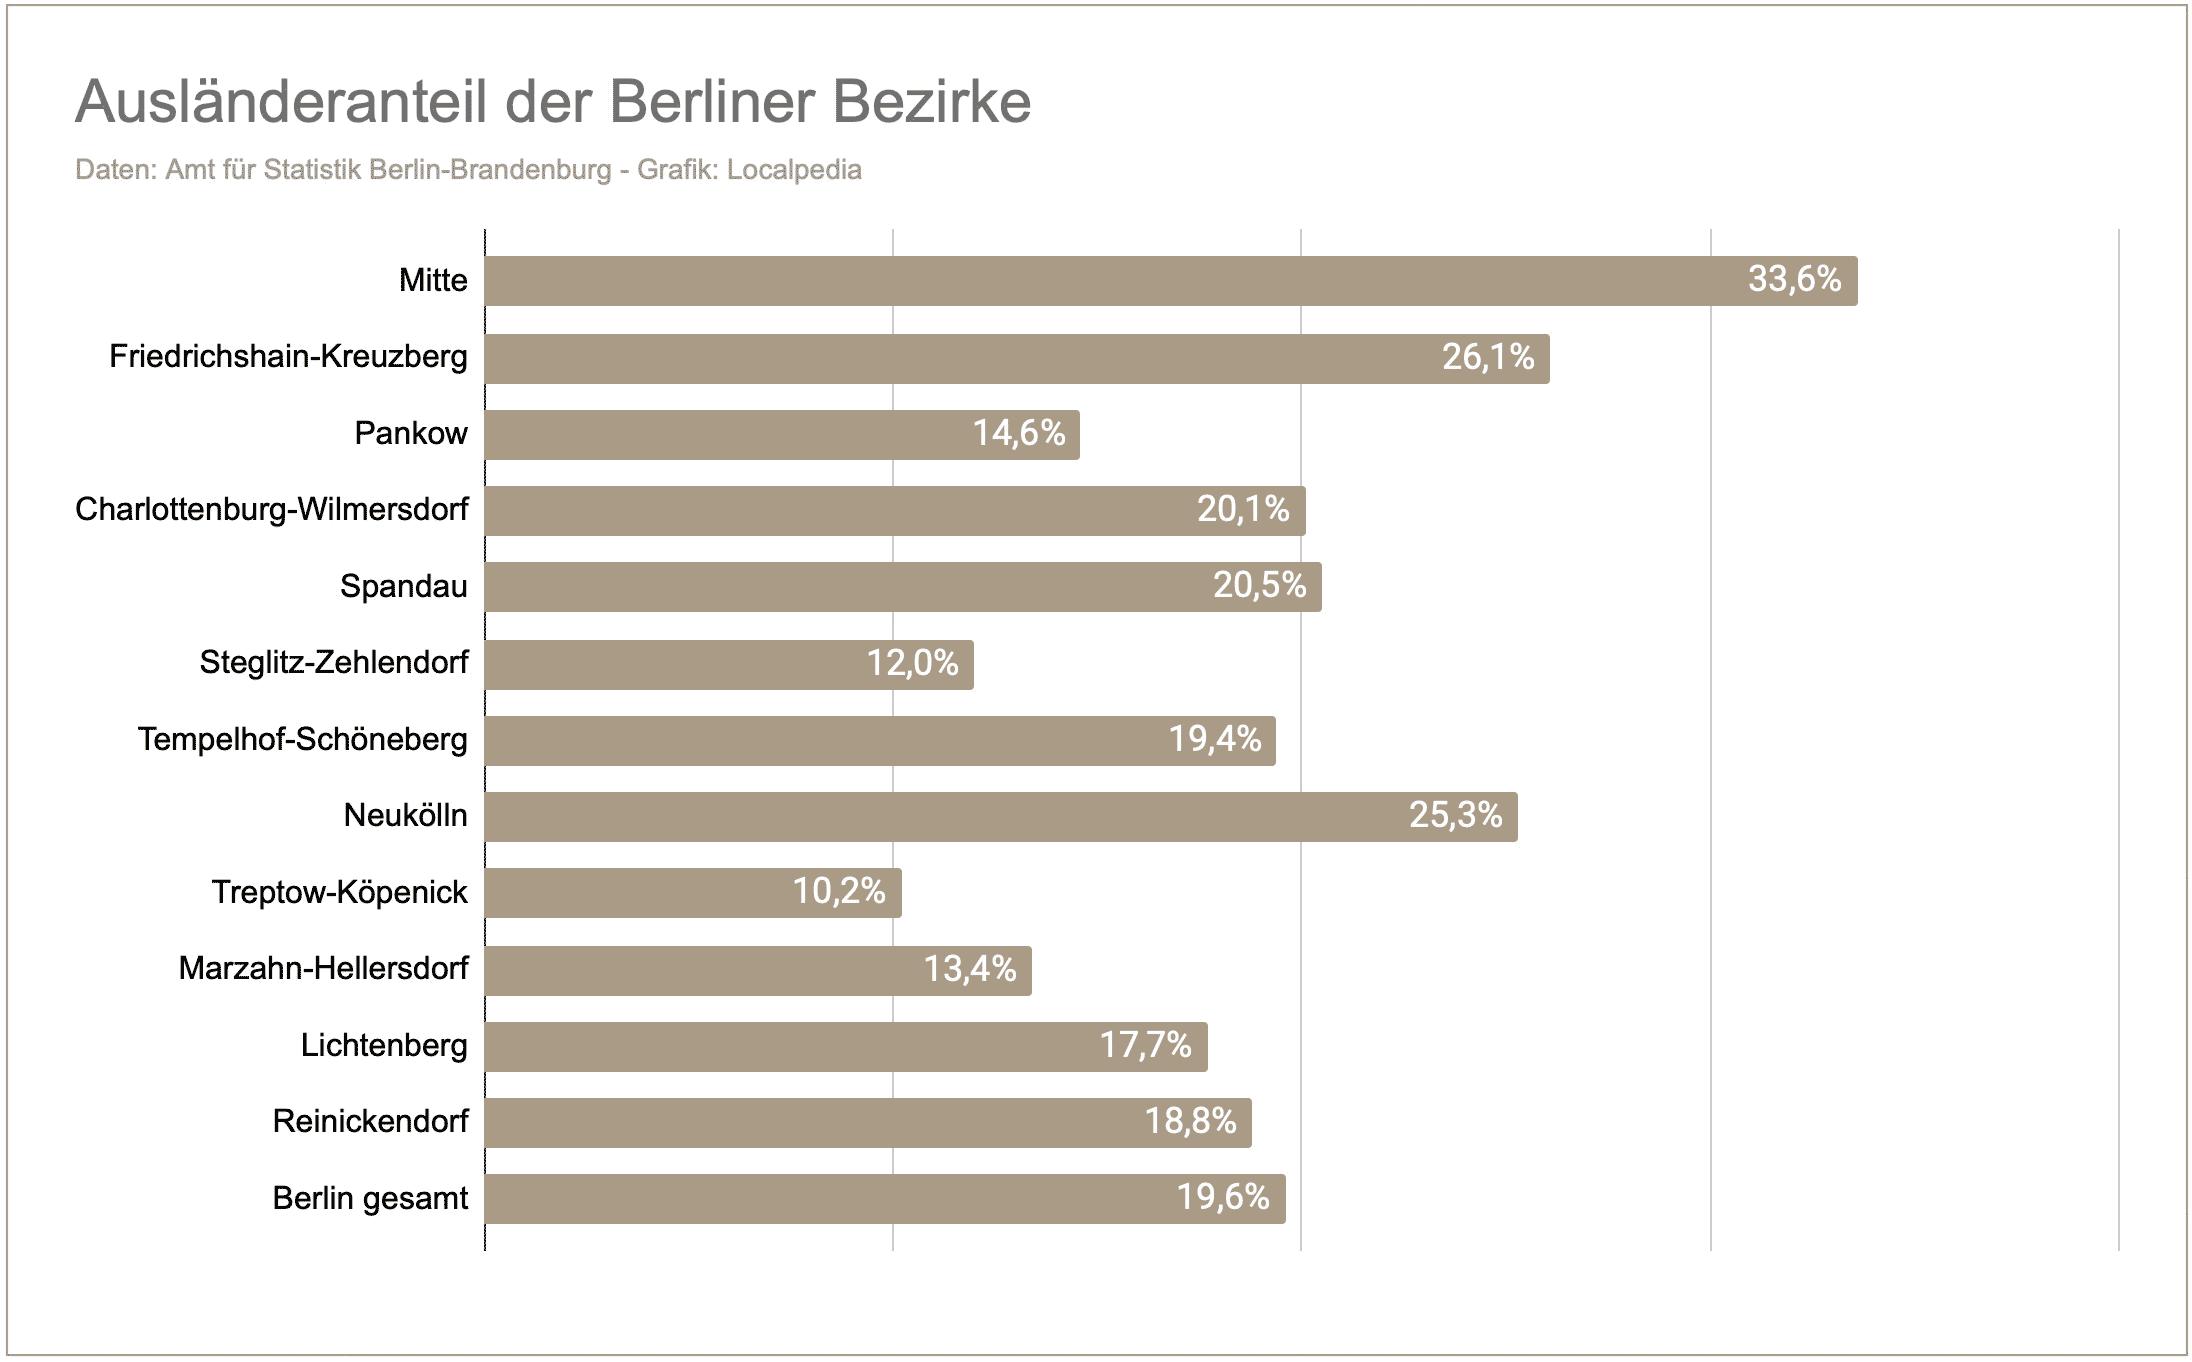 Ausländeranteil - Berlin Bezirke